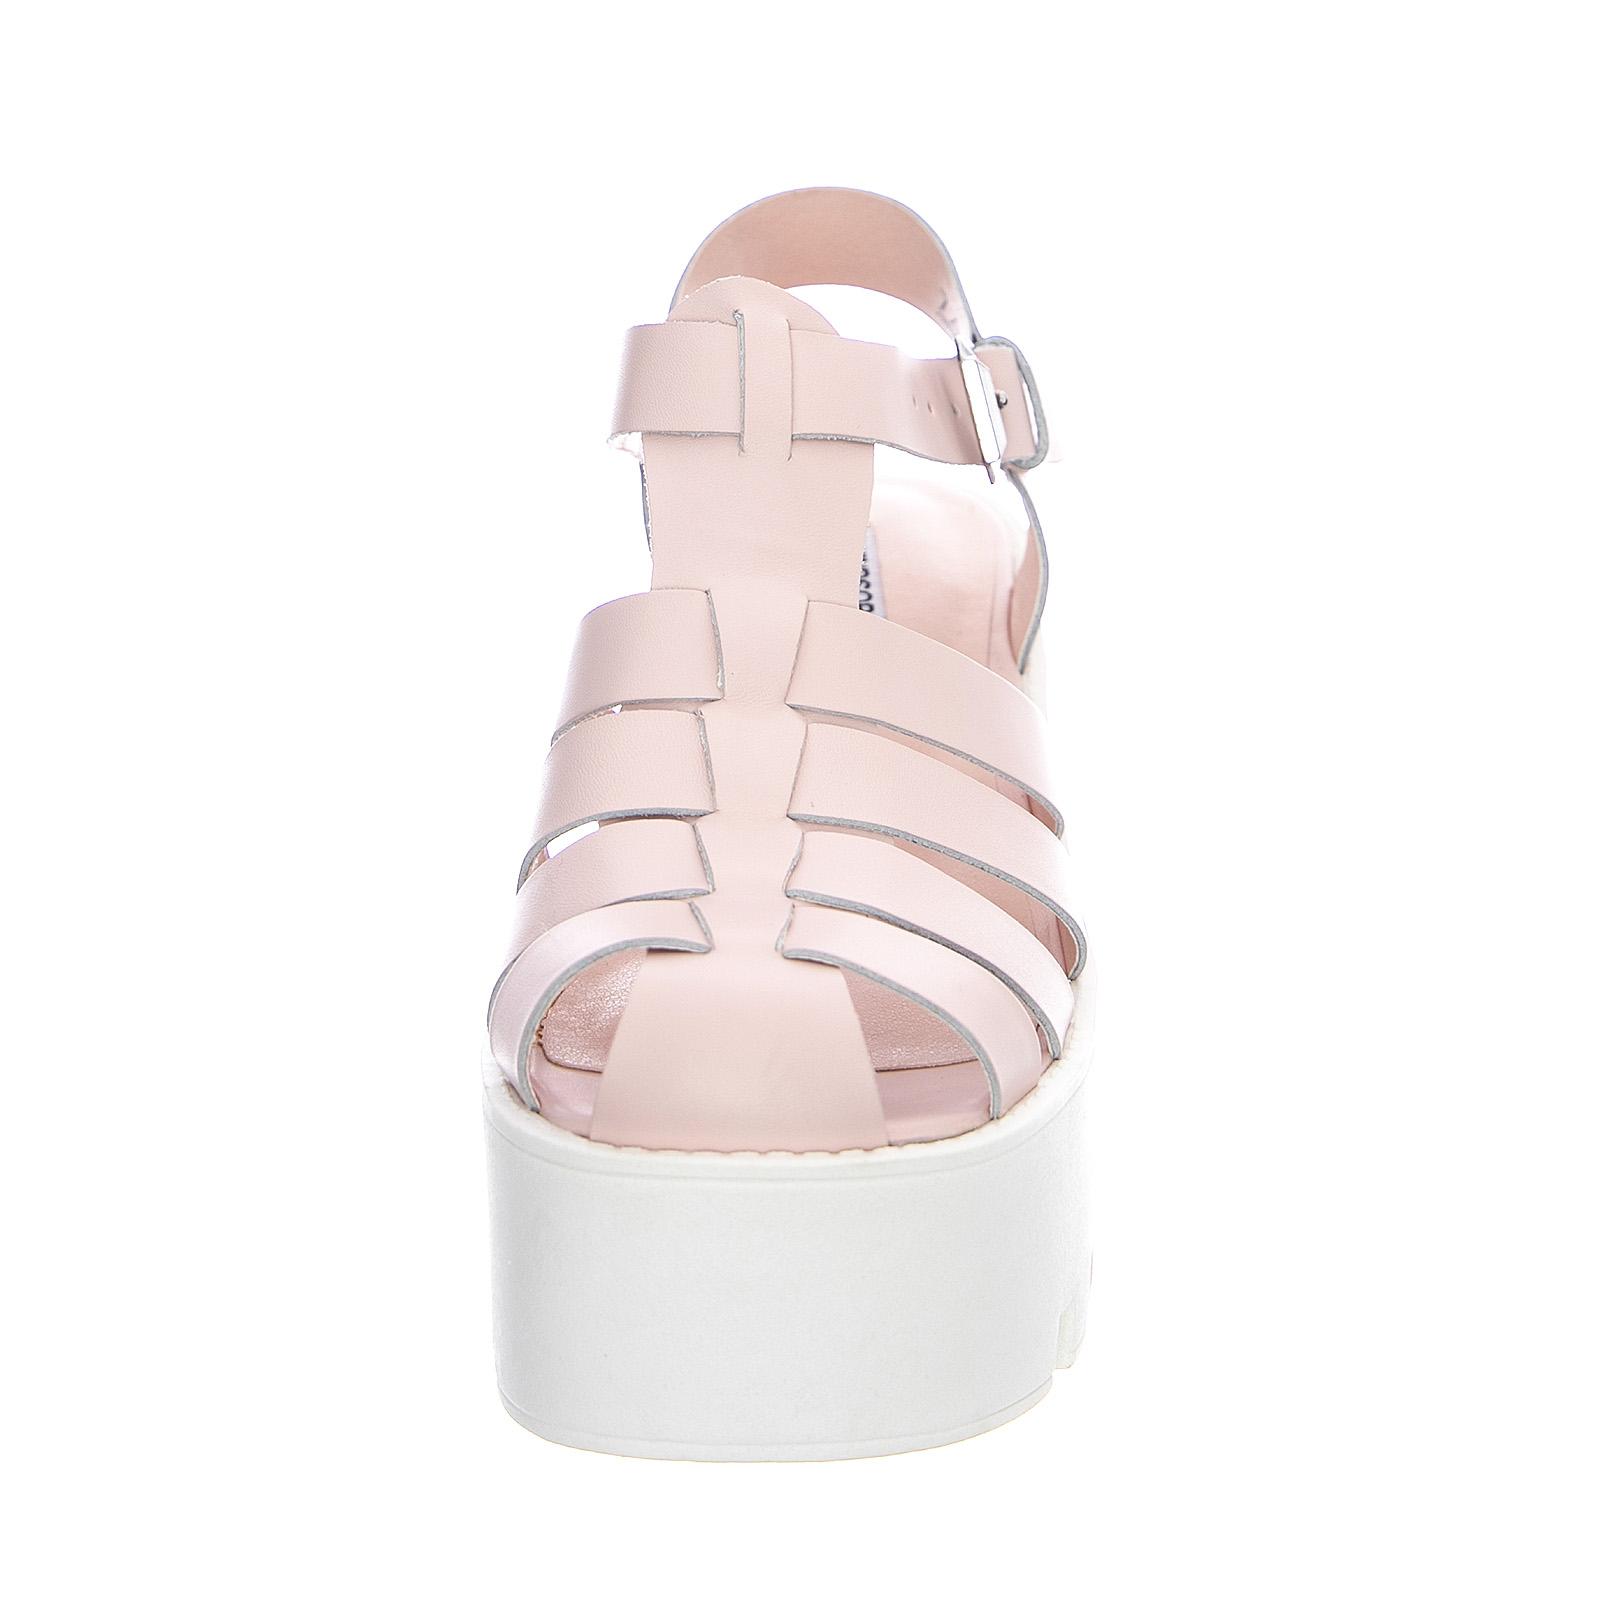 sandali donna rosa pink Windsor smith fluffy sandals